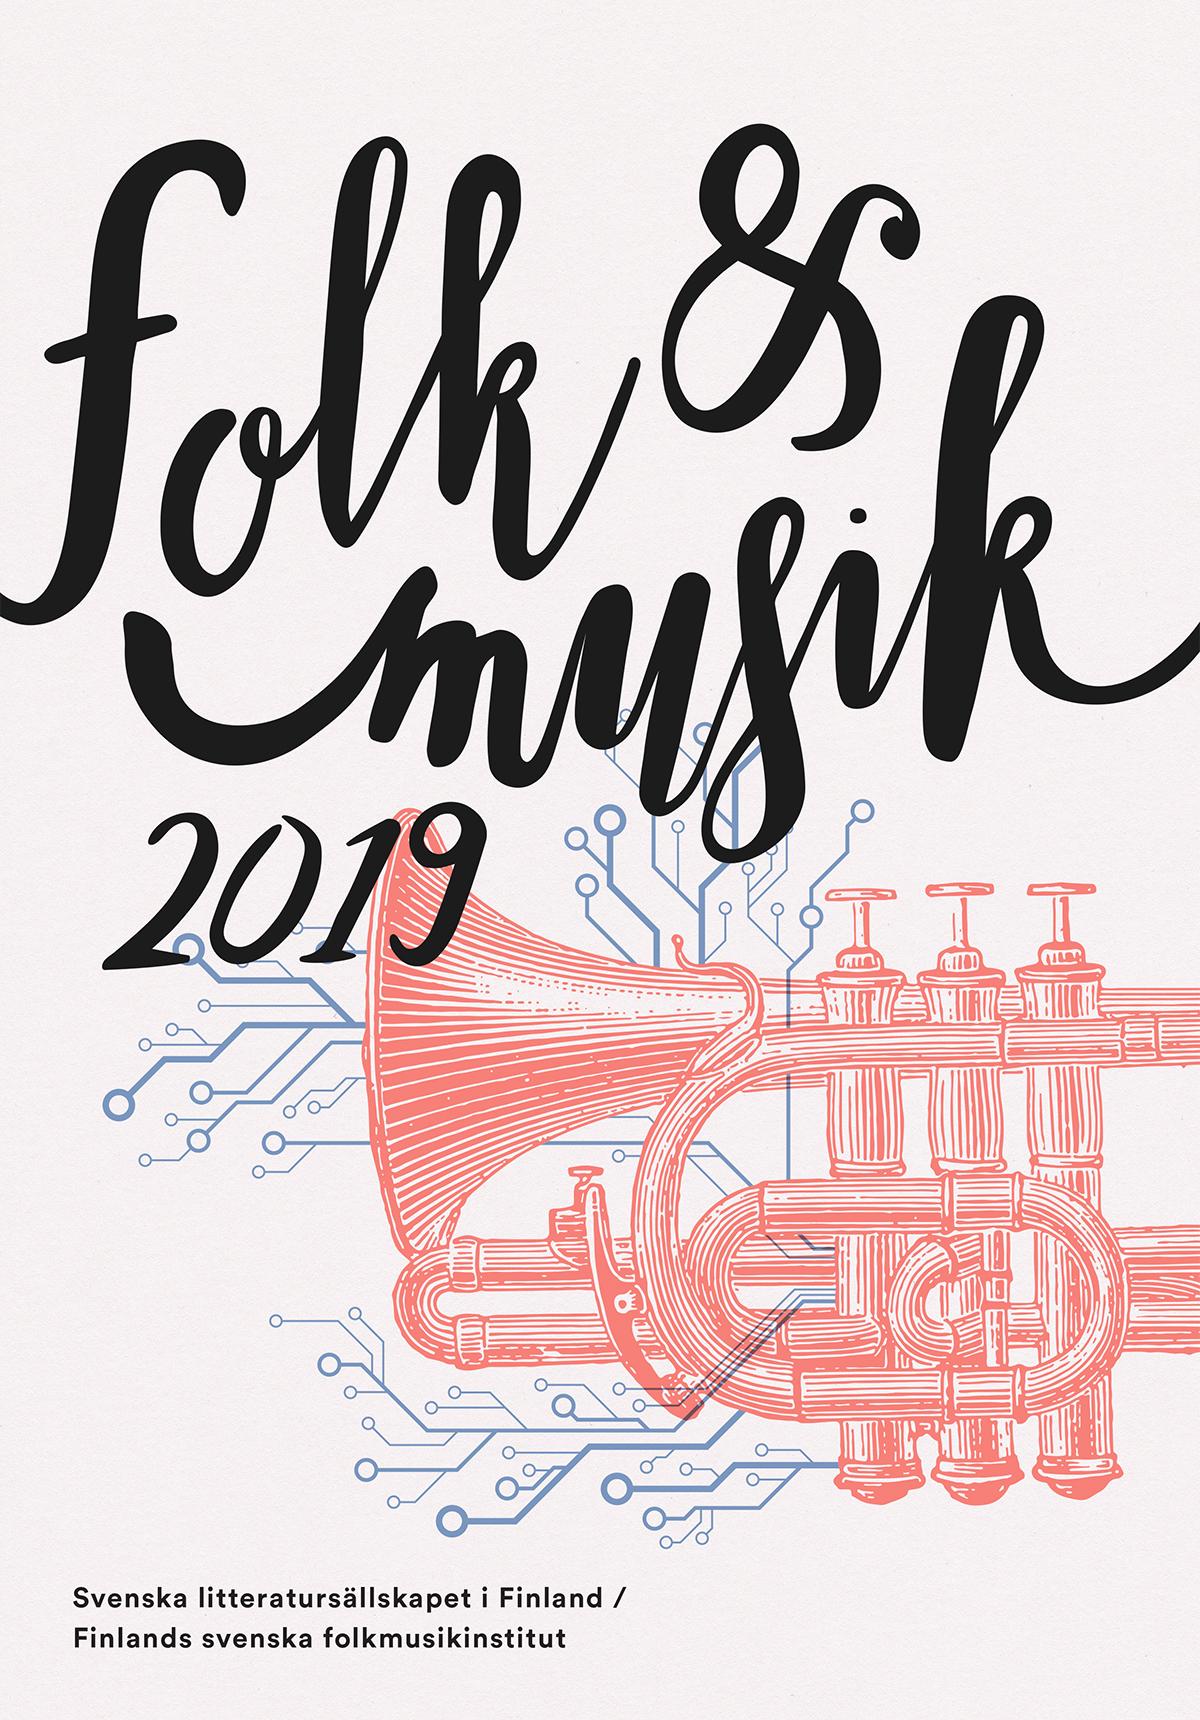 folk-och-musik-2019